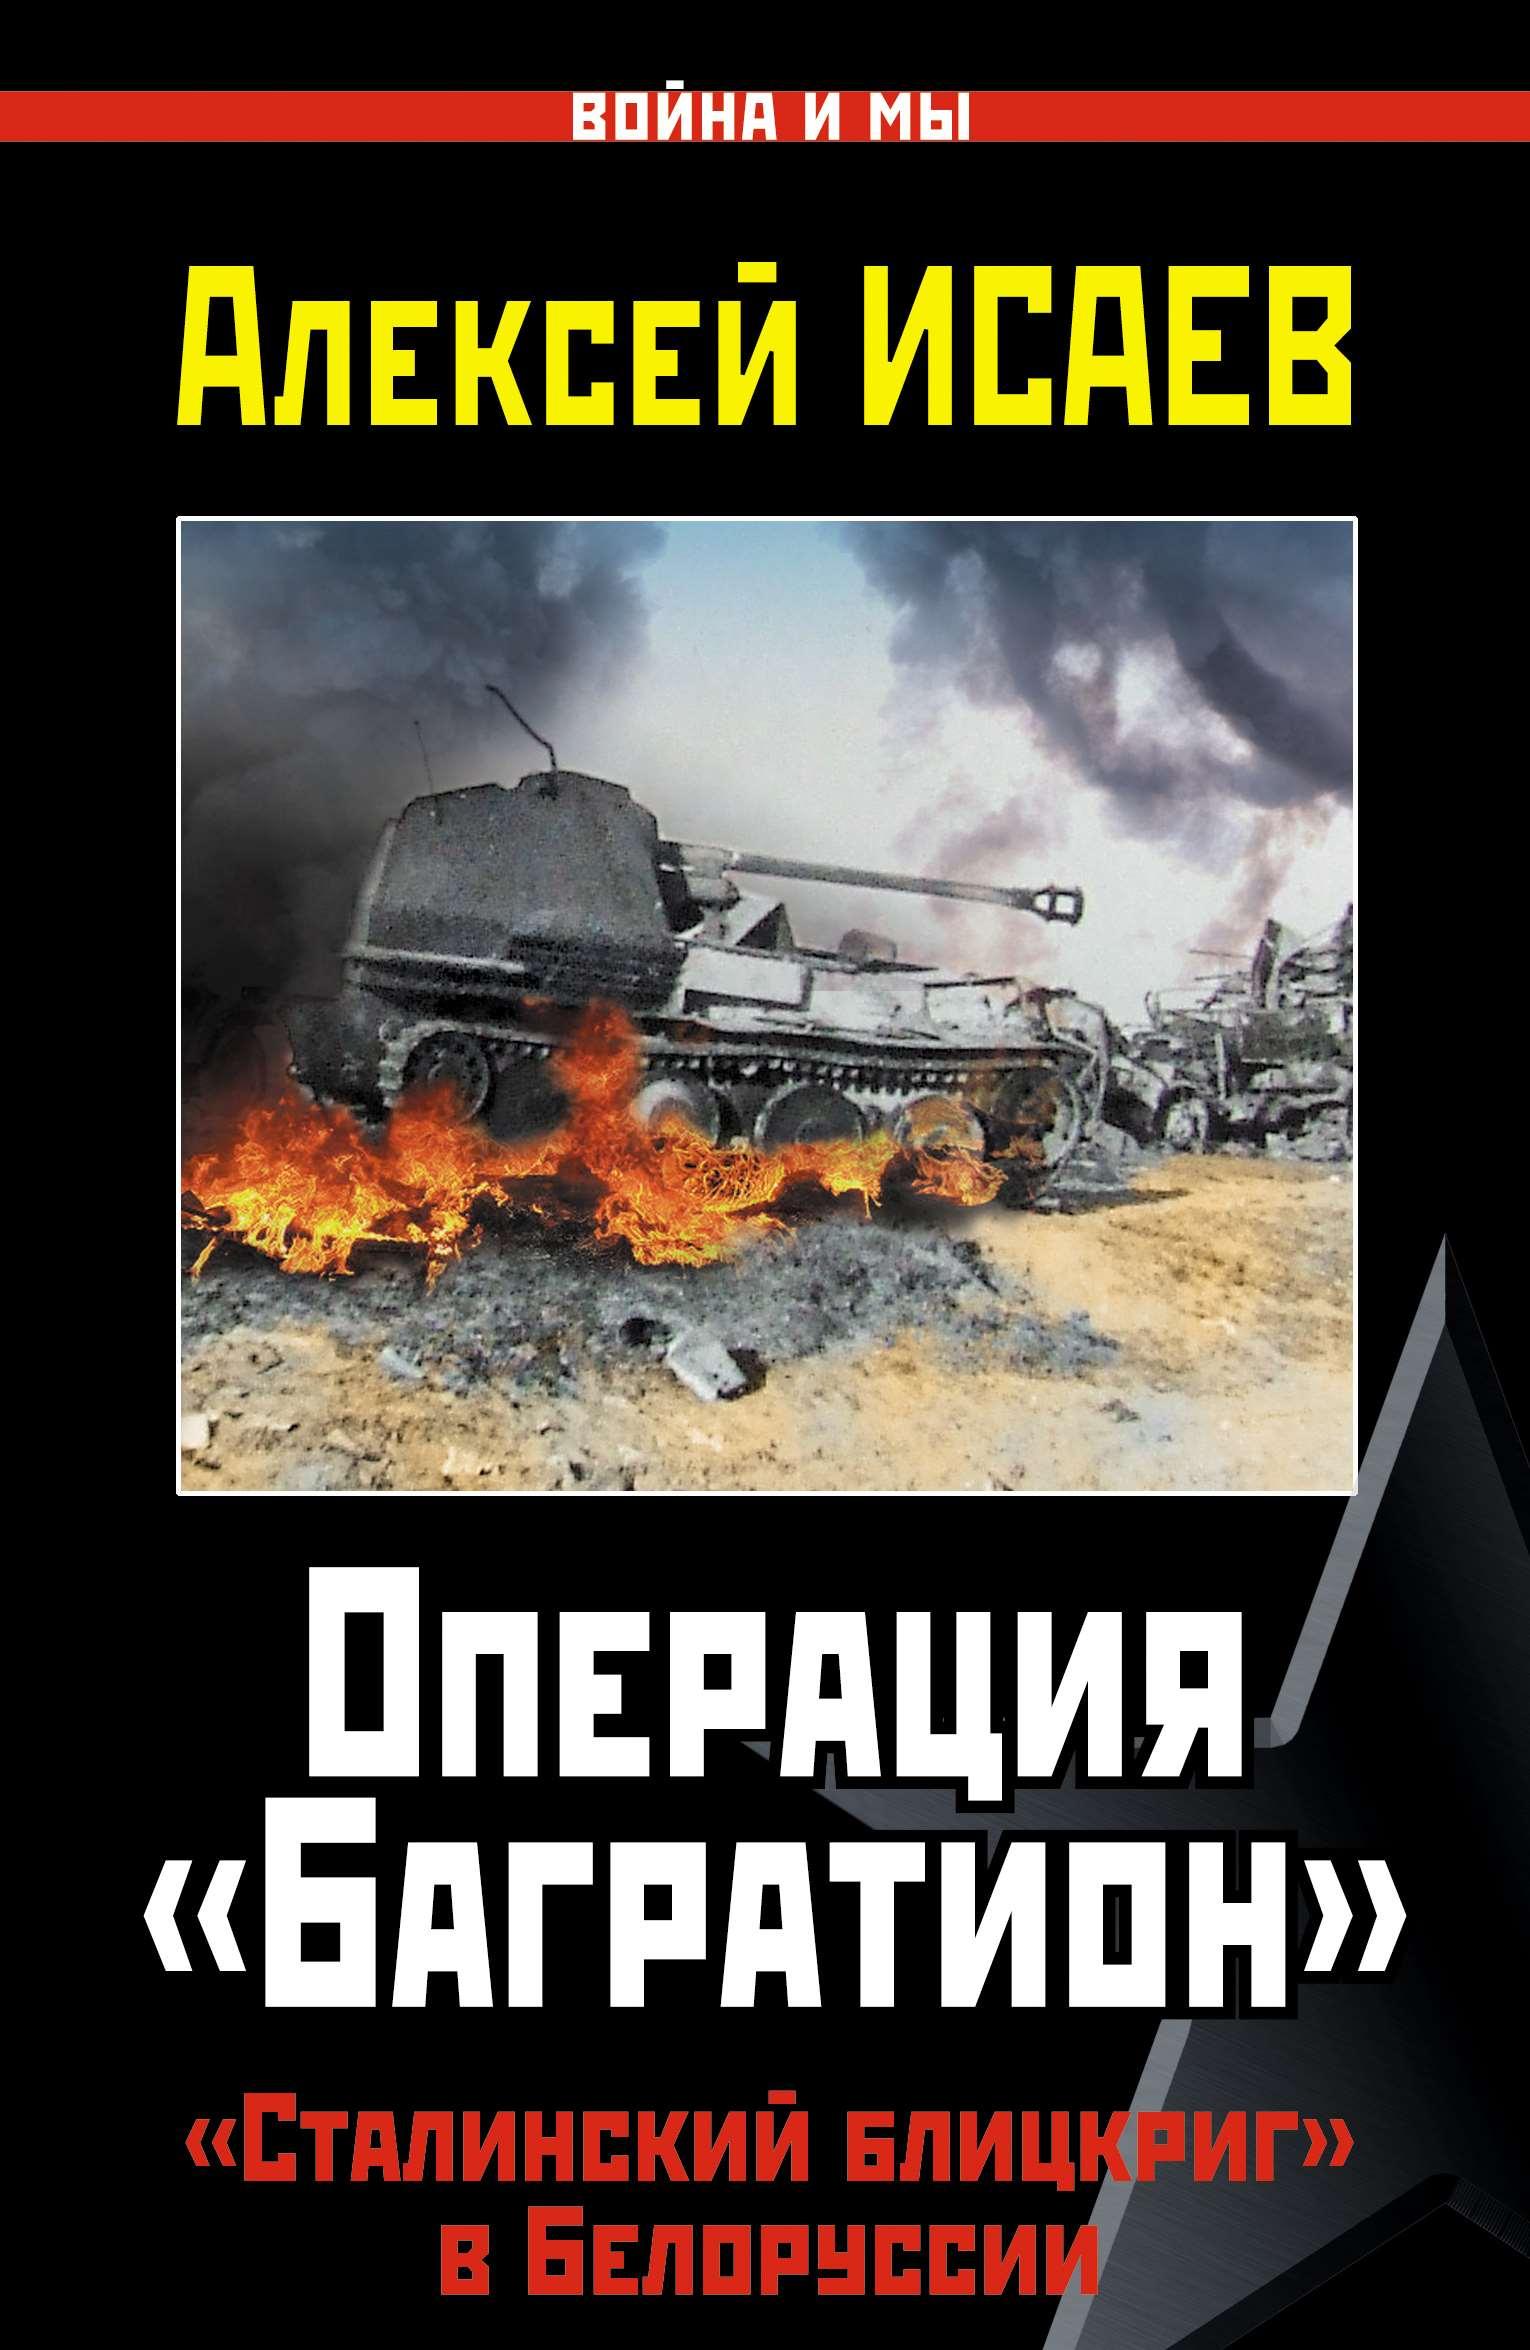 operatsiya bagration stalinskiy blitskrig v belorussii